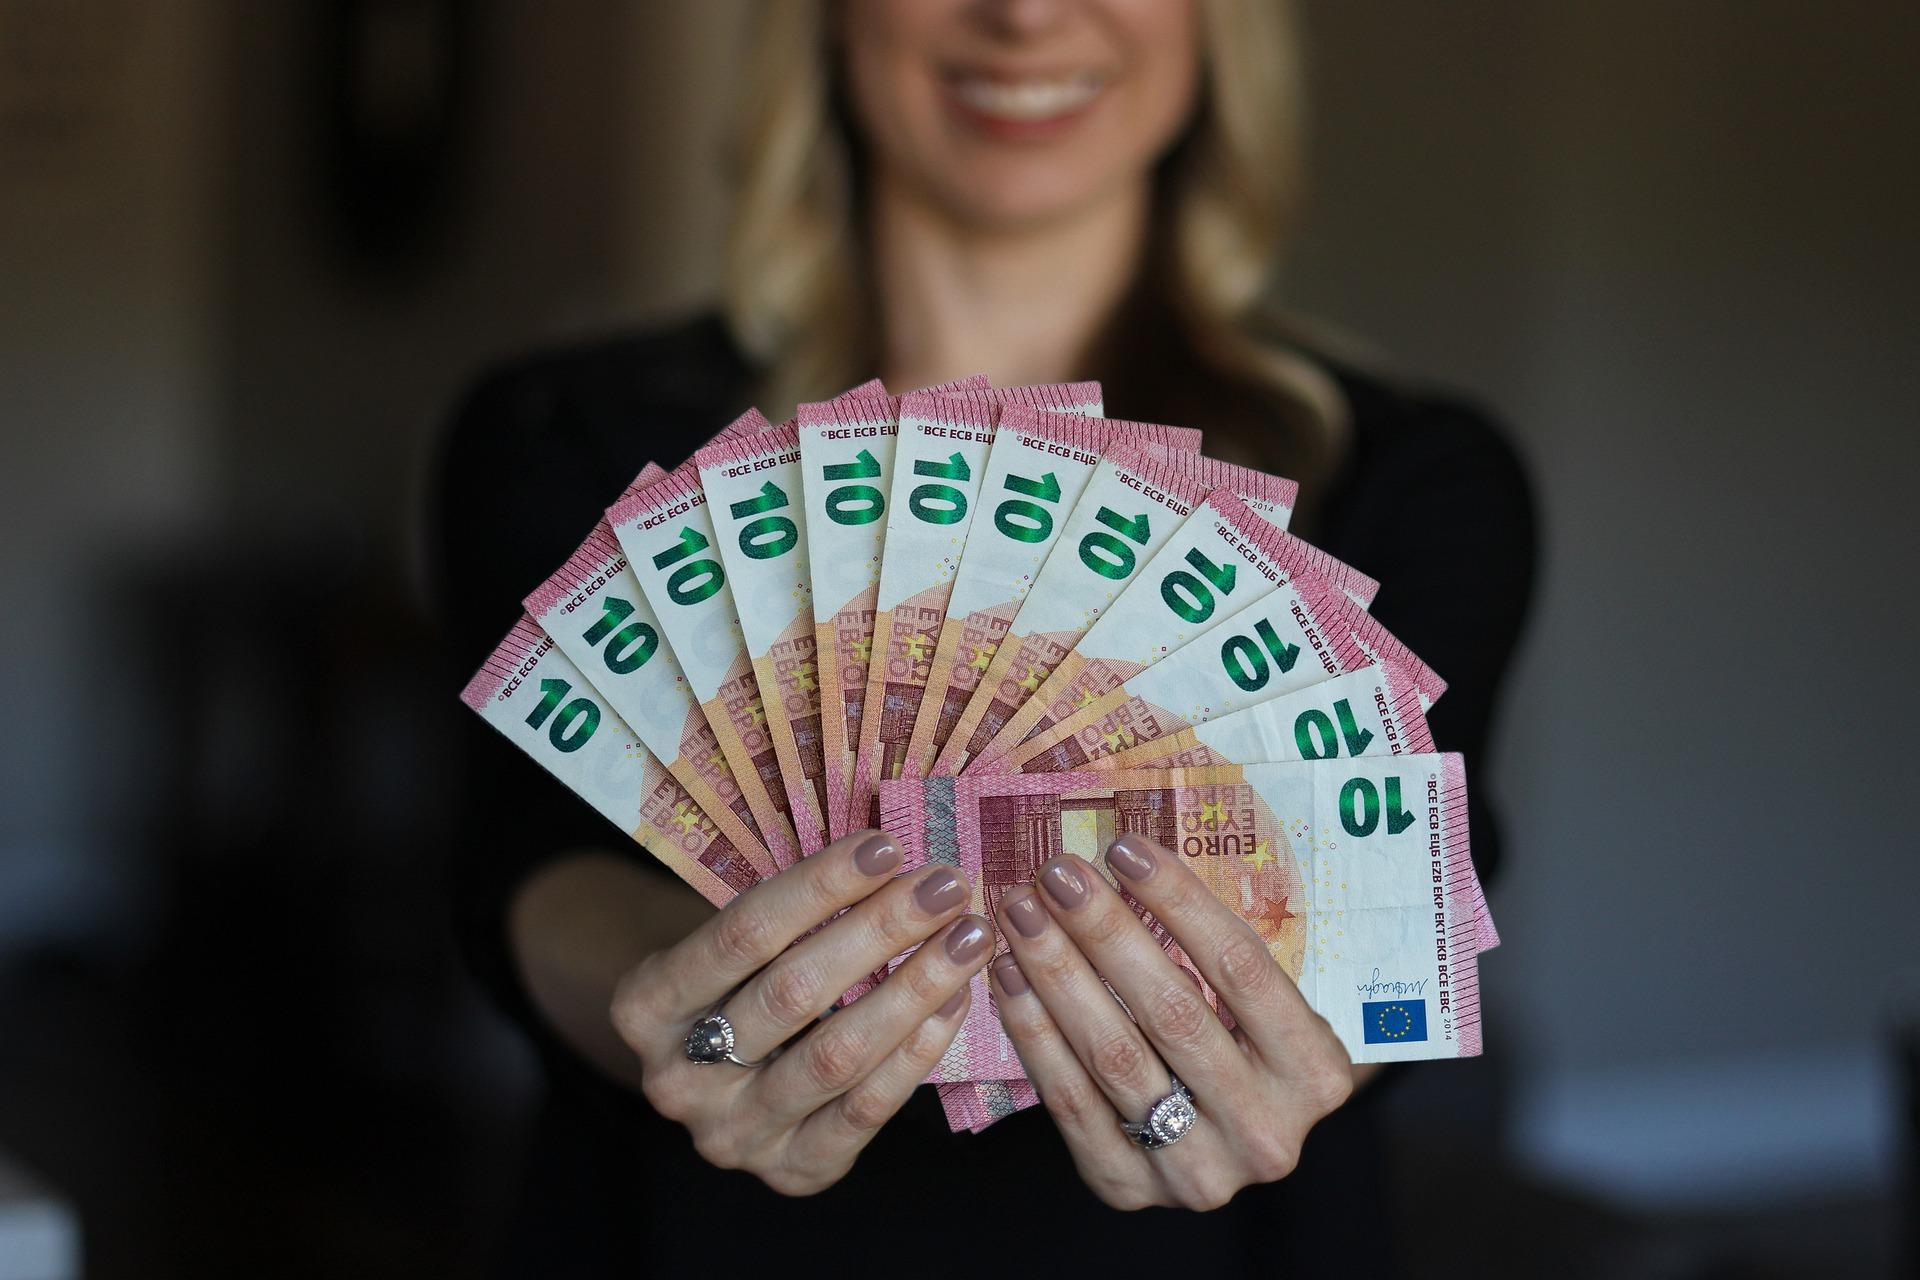 Супруга должна отдать деньги за квартиру, купленную совместно до брака